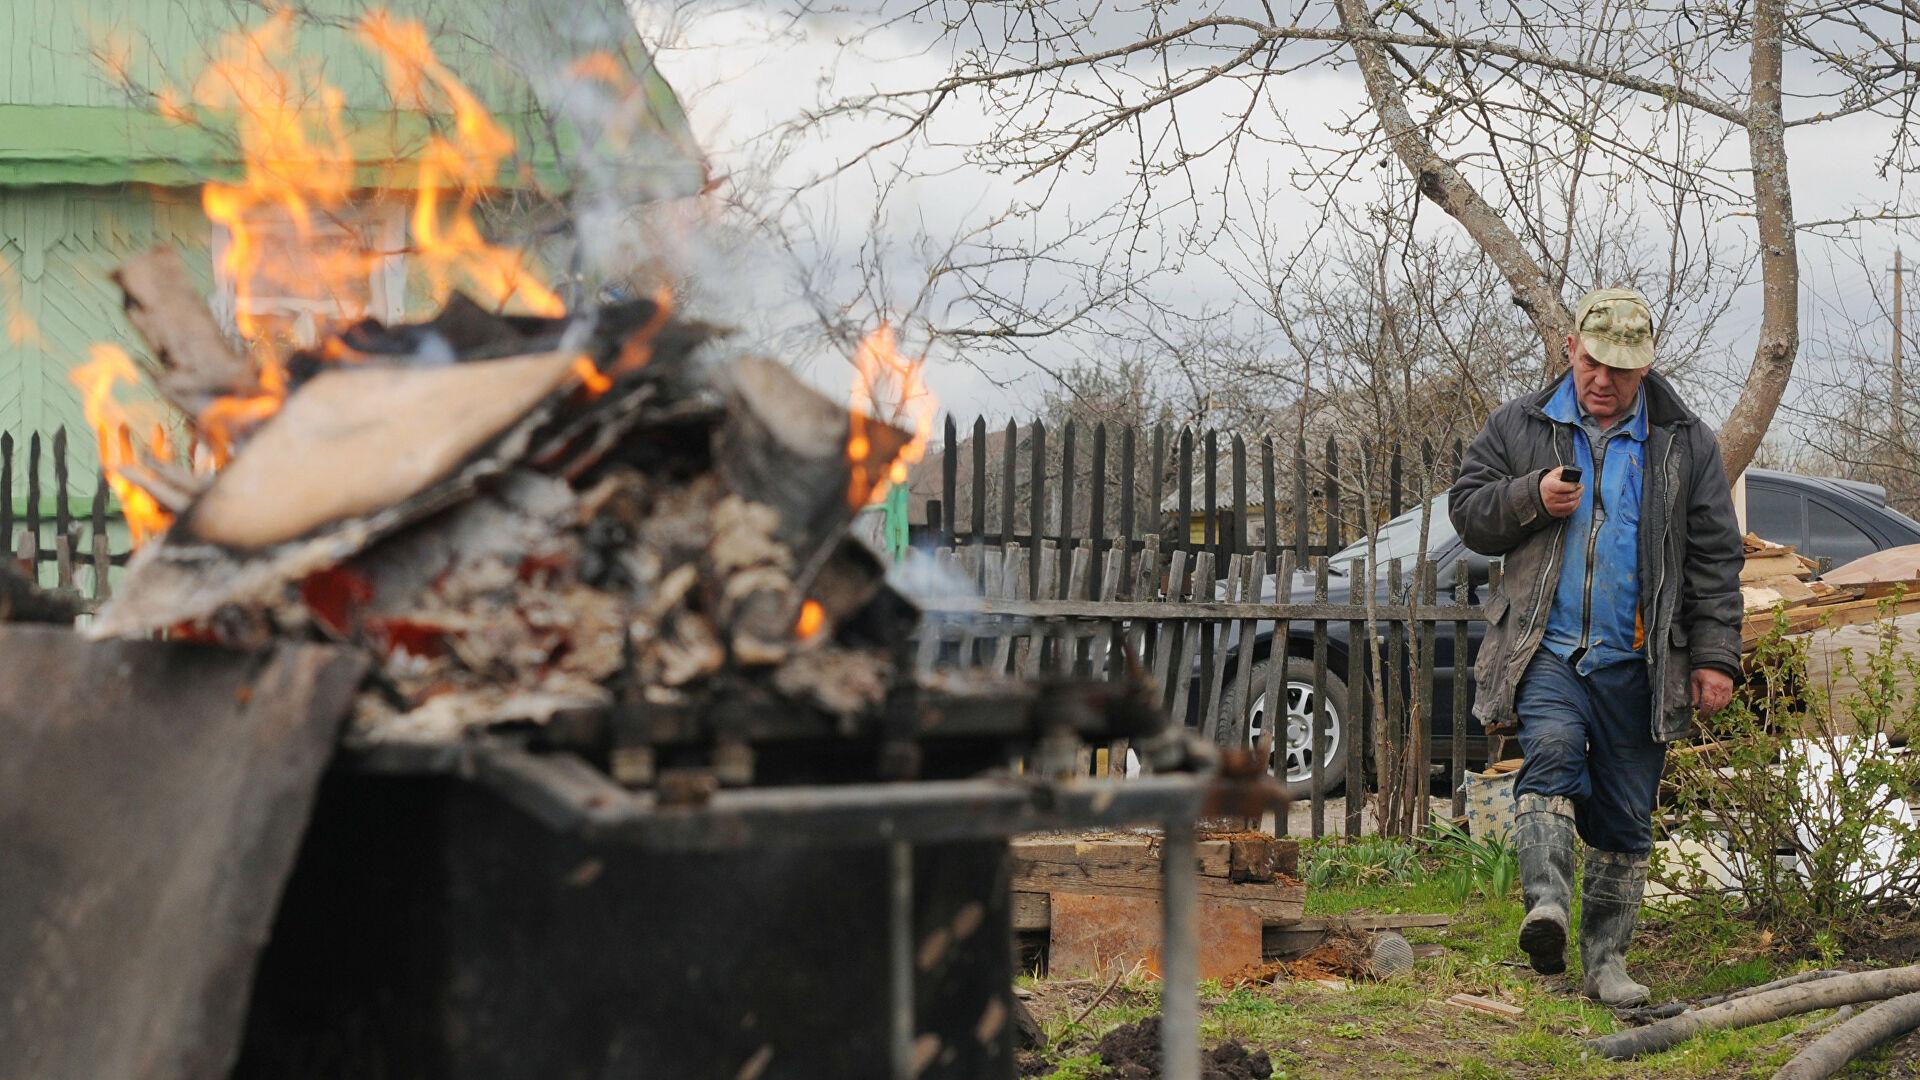 Россиян предупредили о штрафах за открытый огонь на дачных участках